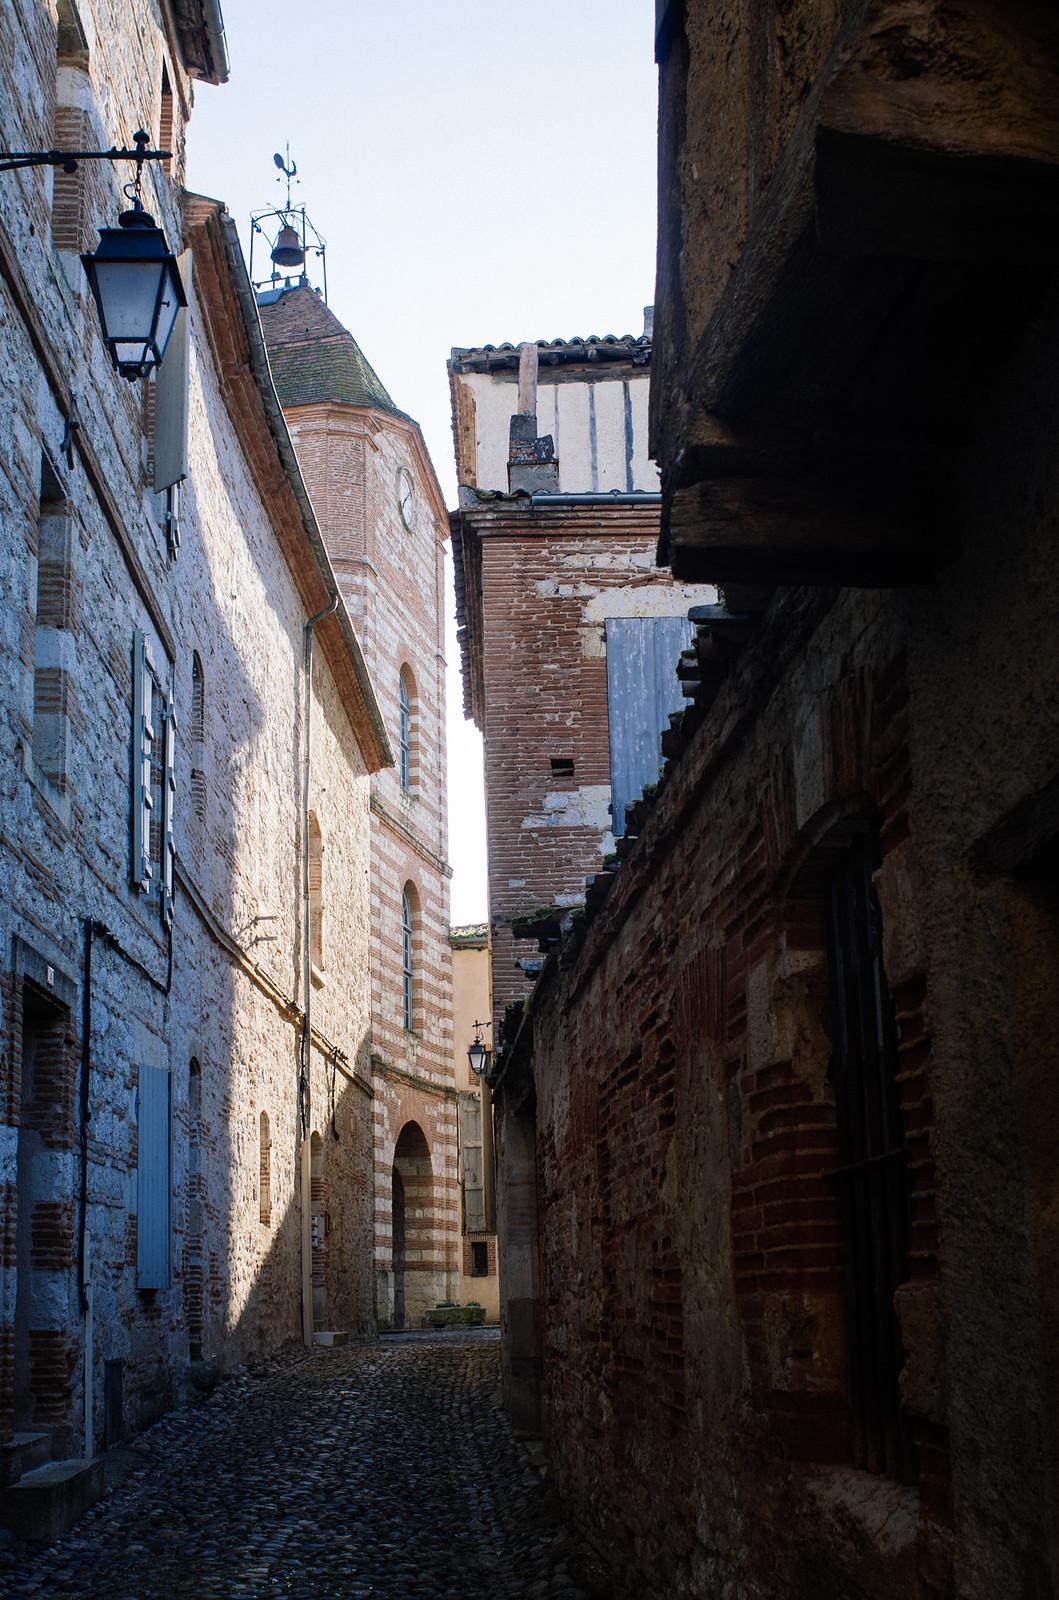 Auvillar, les petites rues abritées du soleil - Carnet de voyage Tarn-et-Garonne